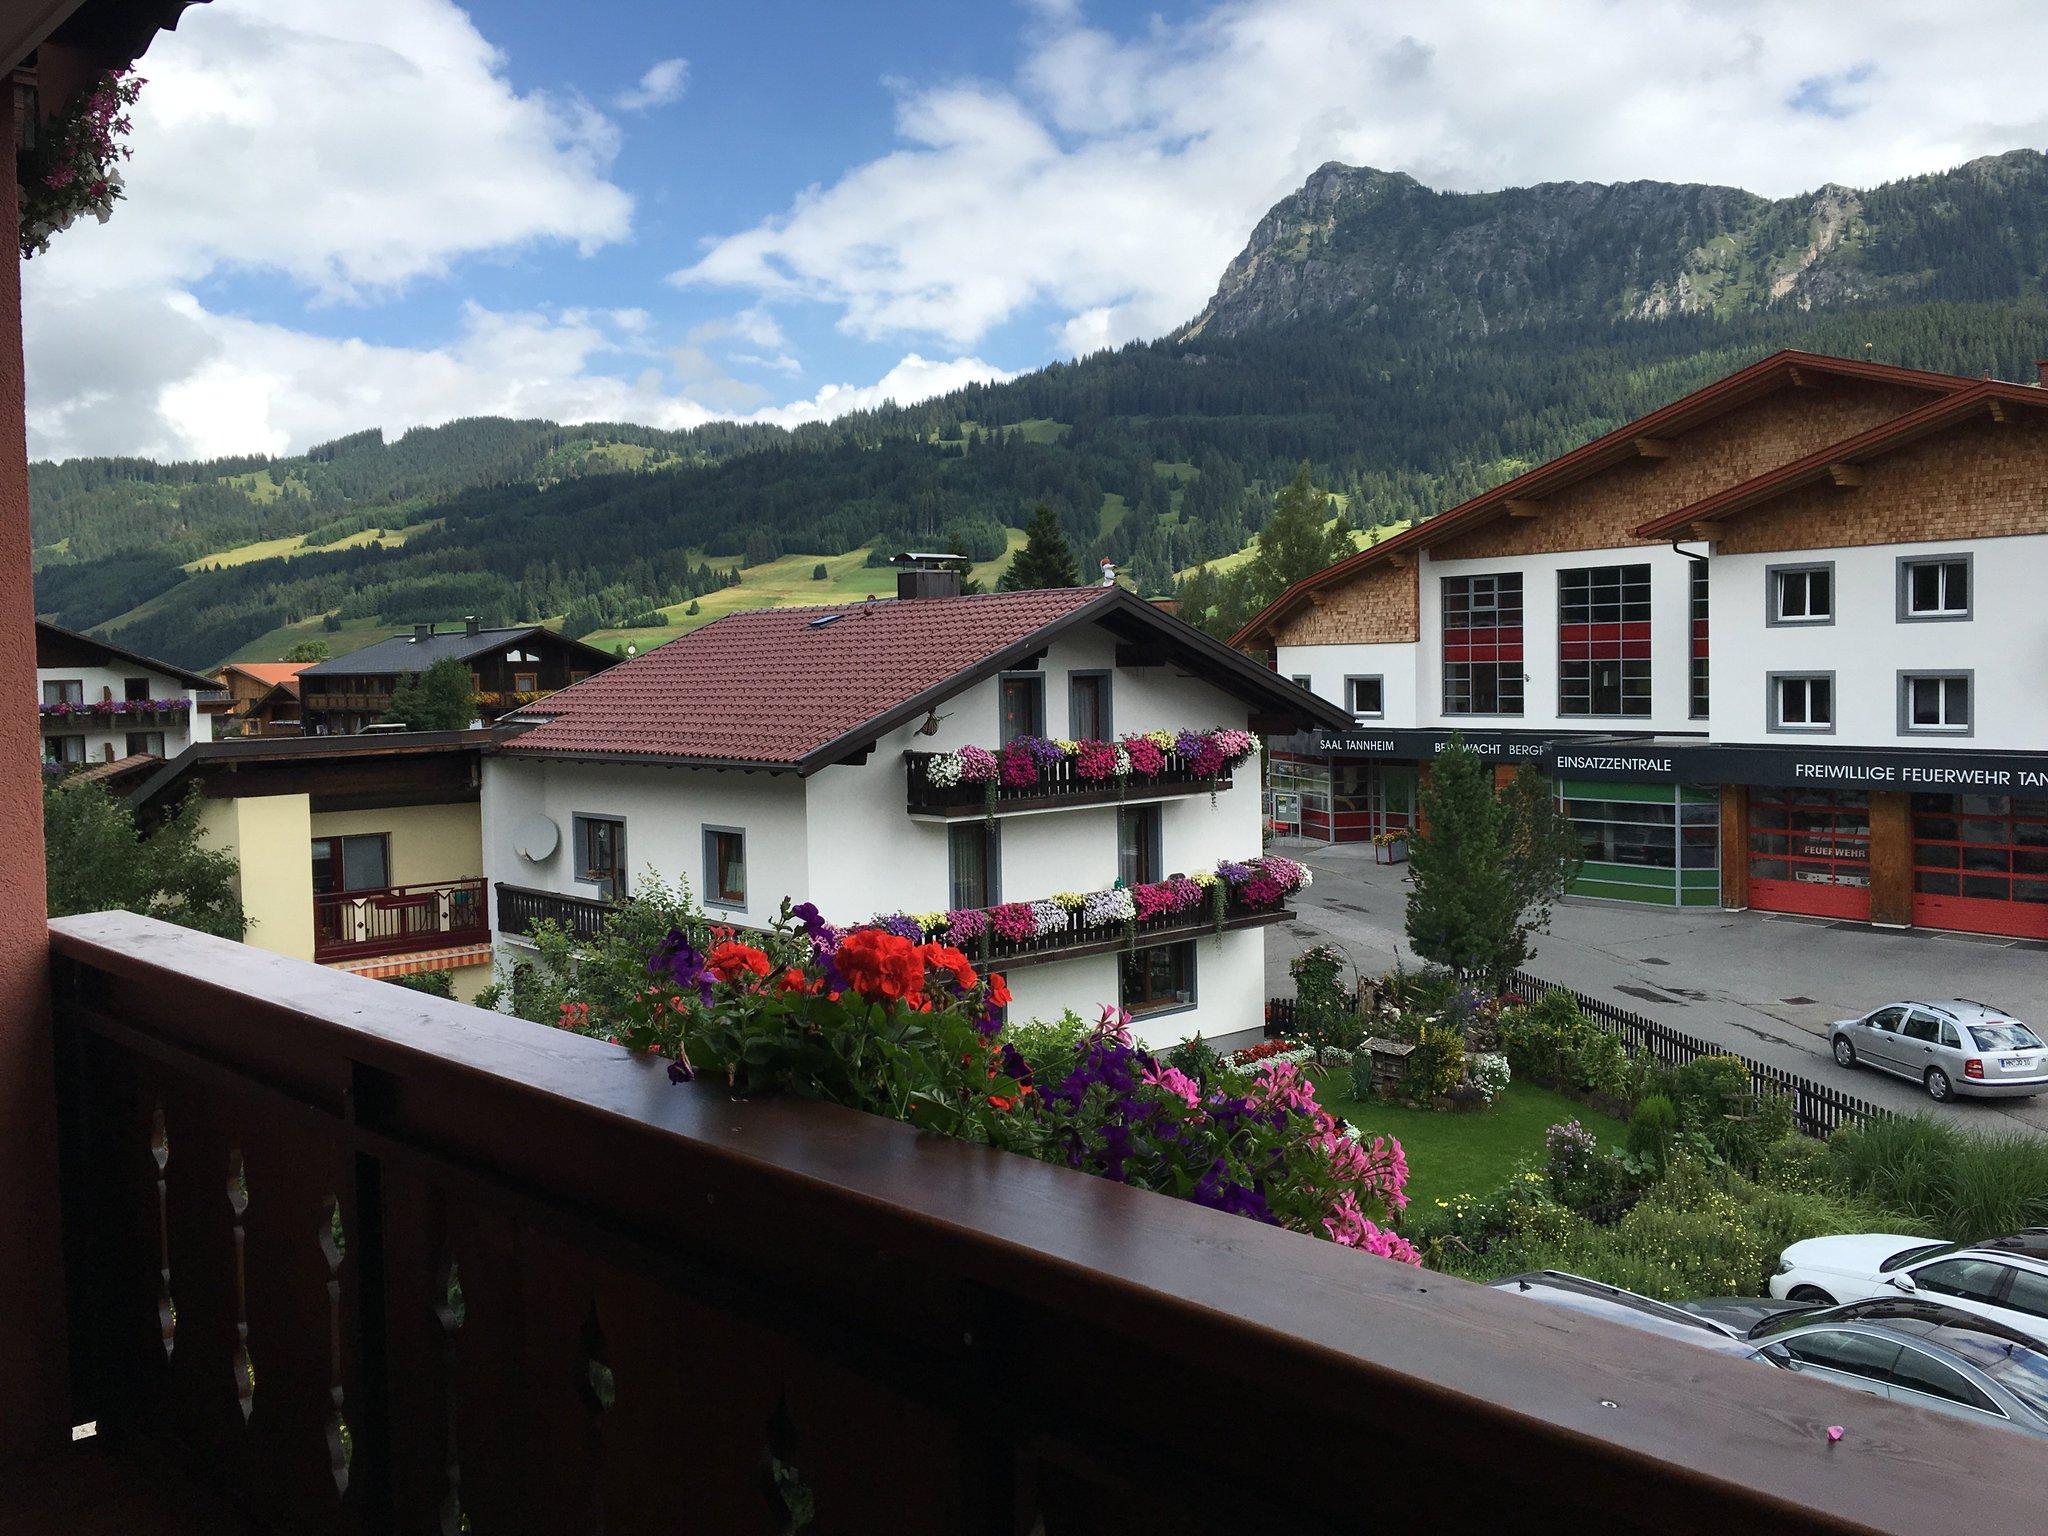 Mit Balkon und Aussicht #meurers #TannheimerTal #balkontweet https://t.co/E136Tzf16H